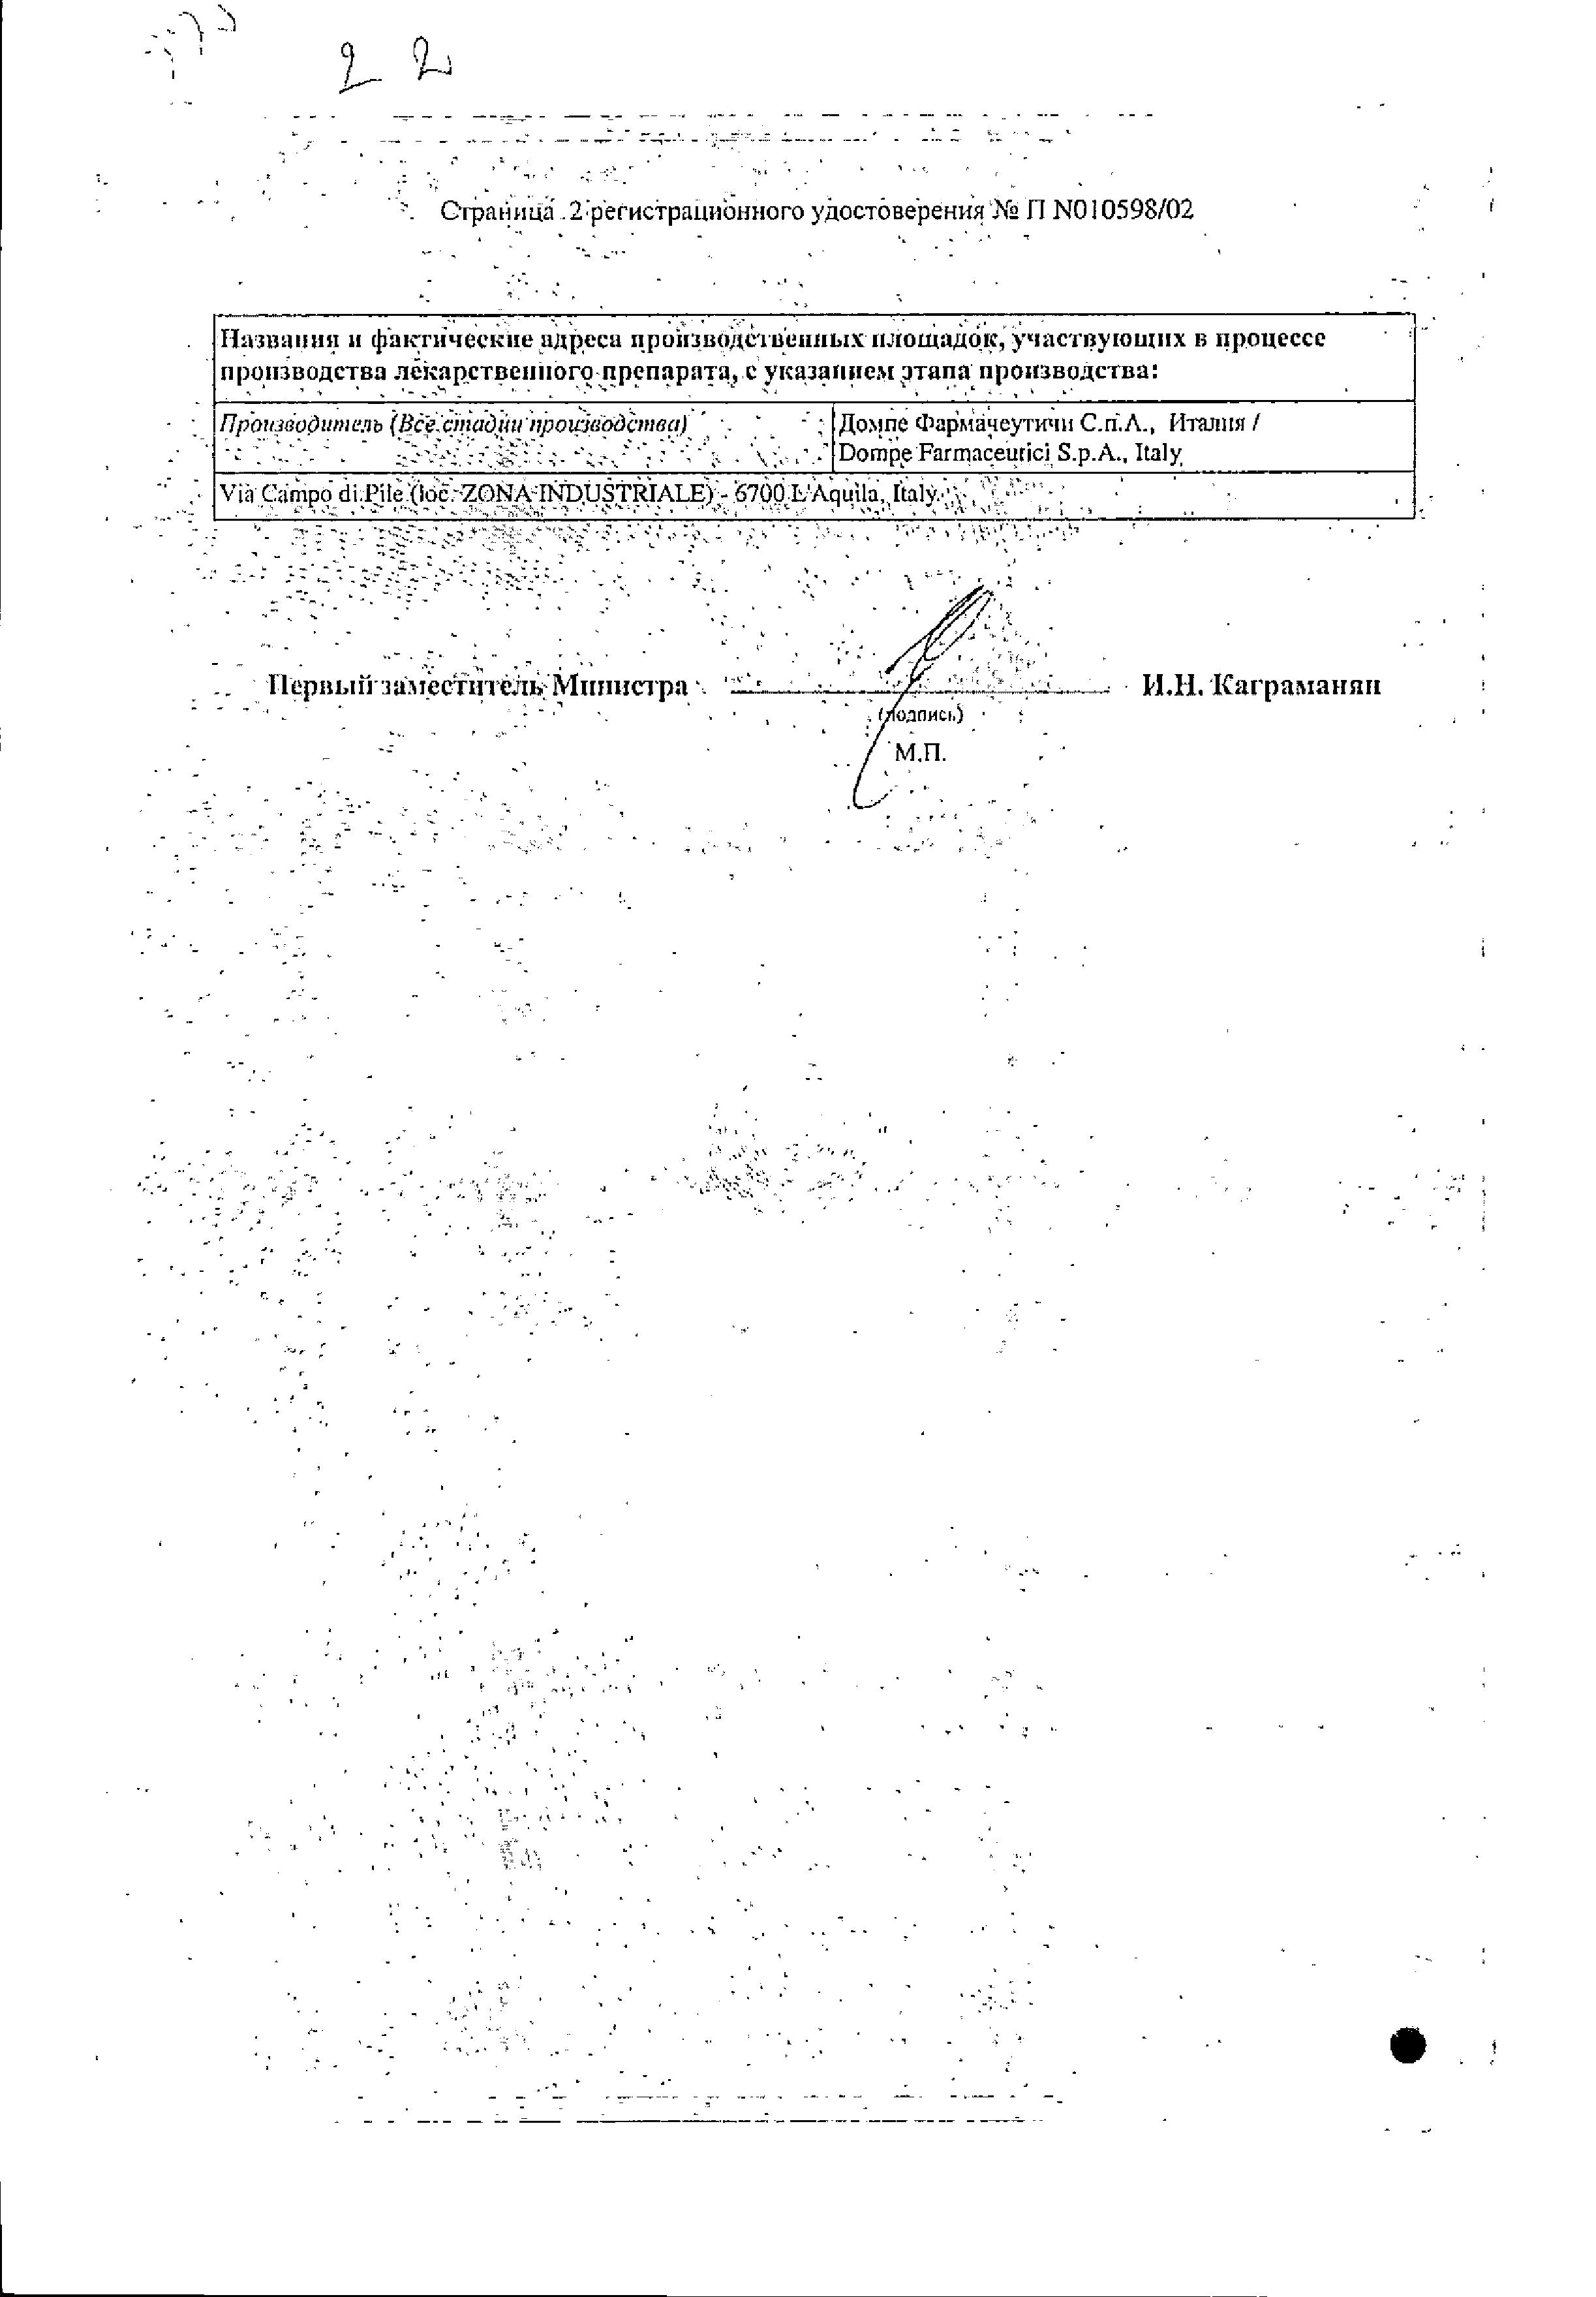 ОКИ сертификат